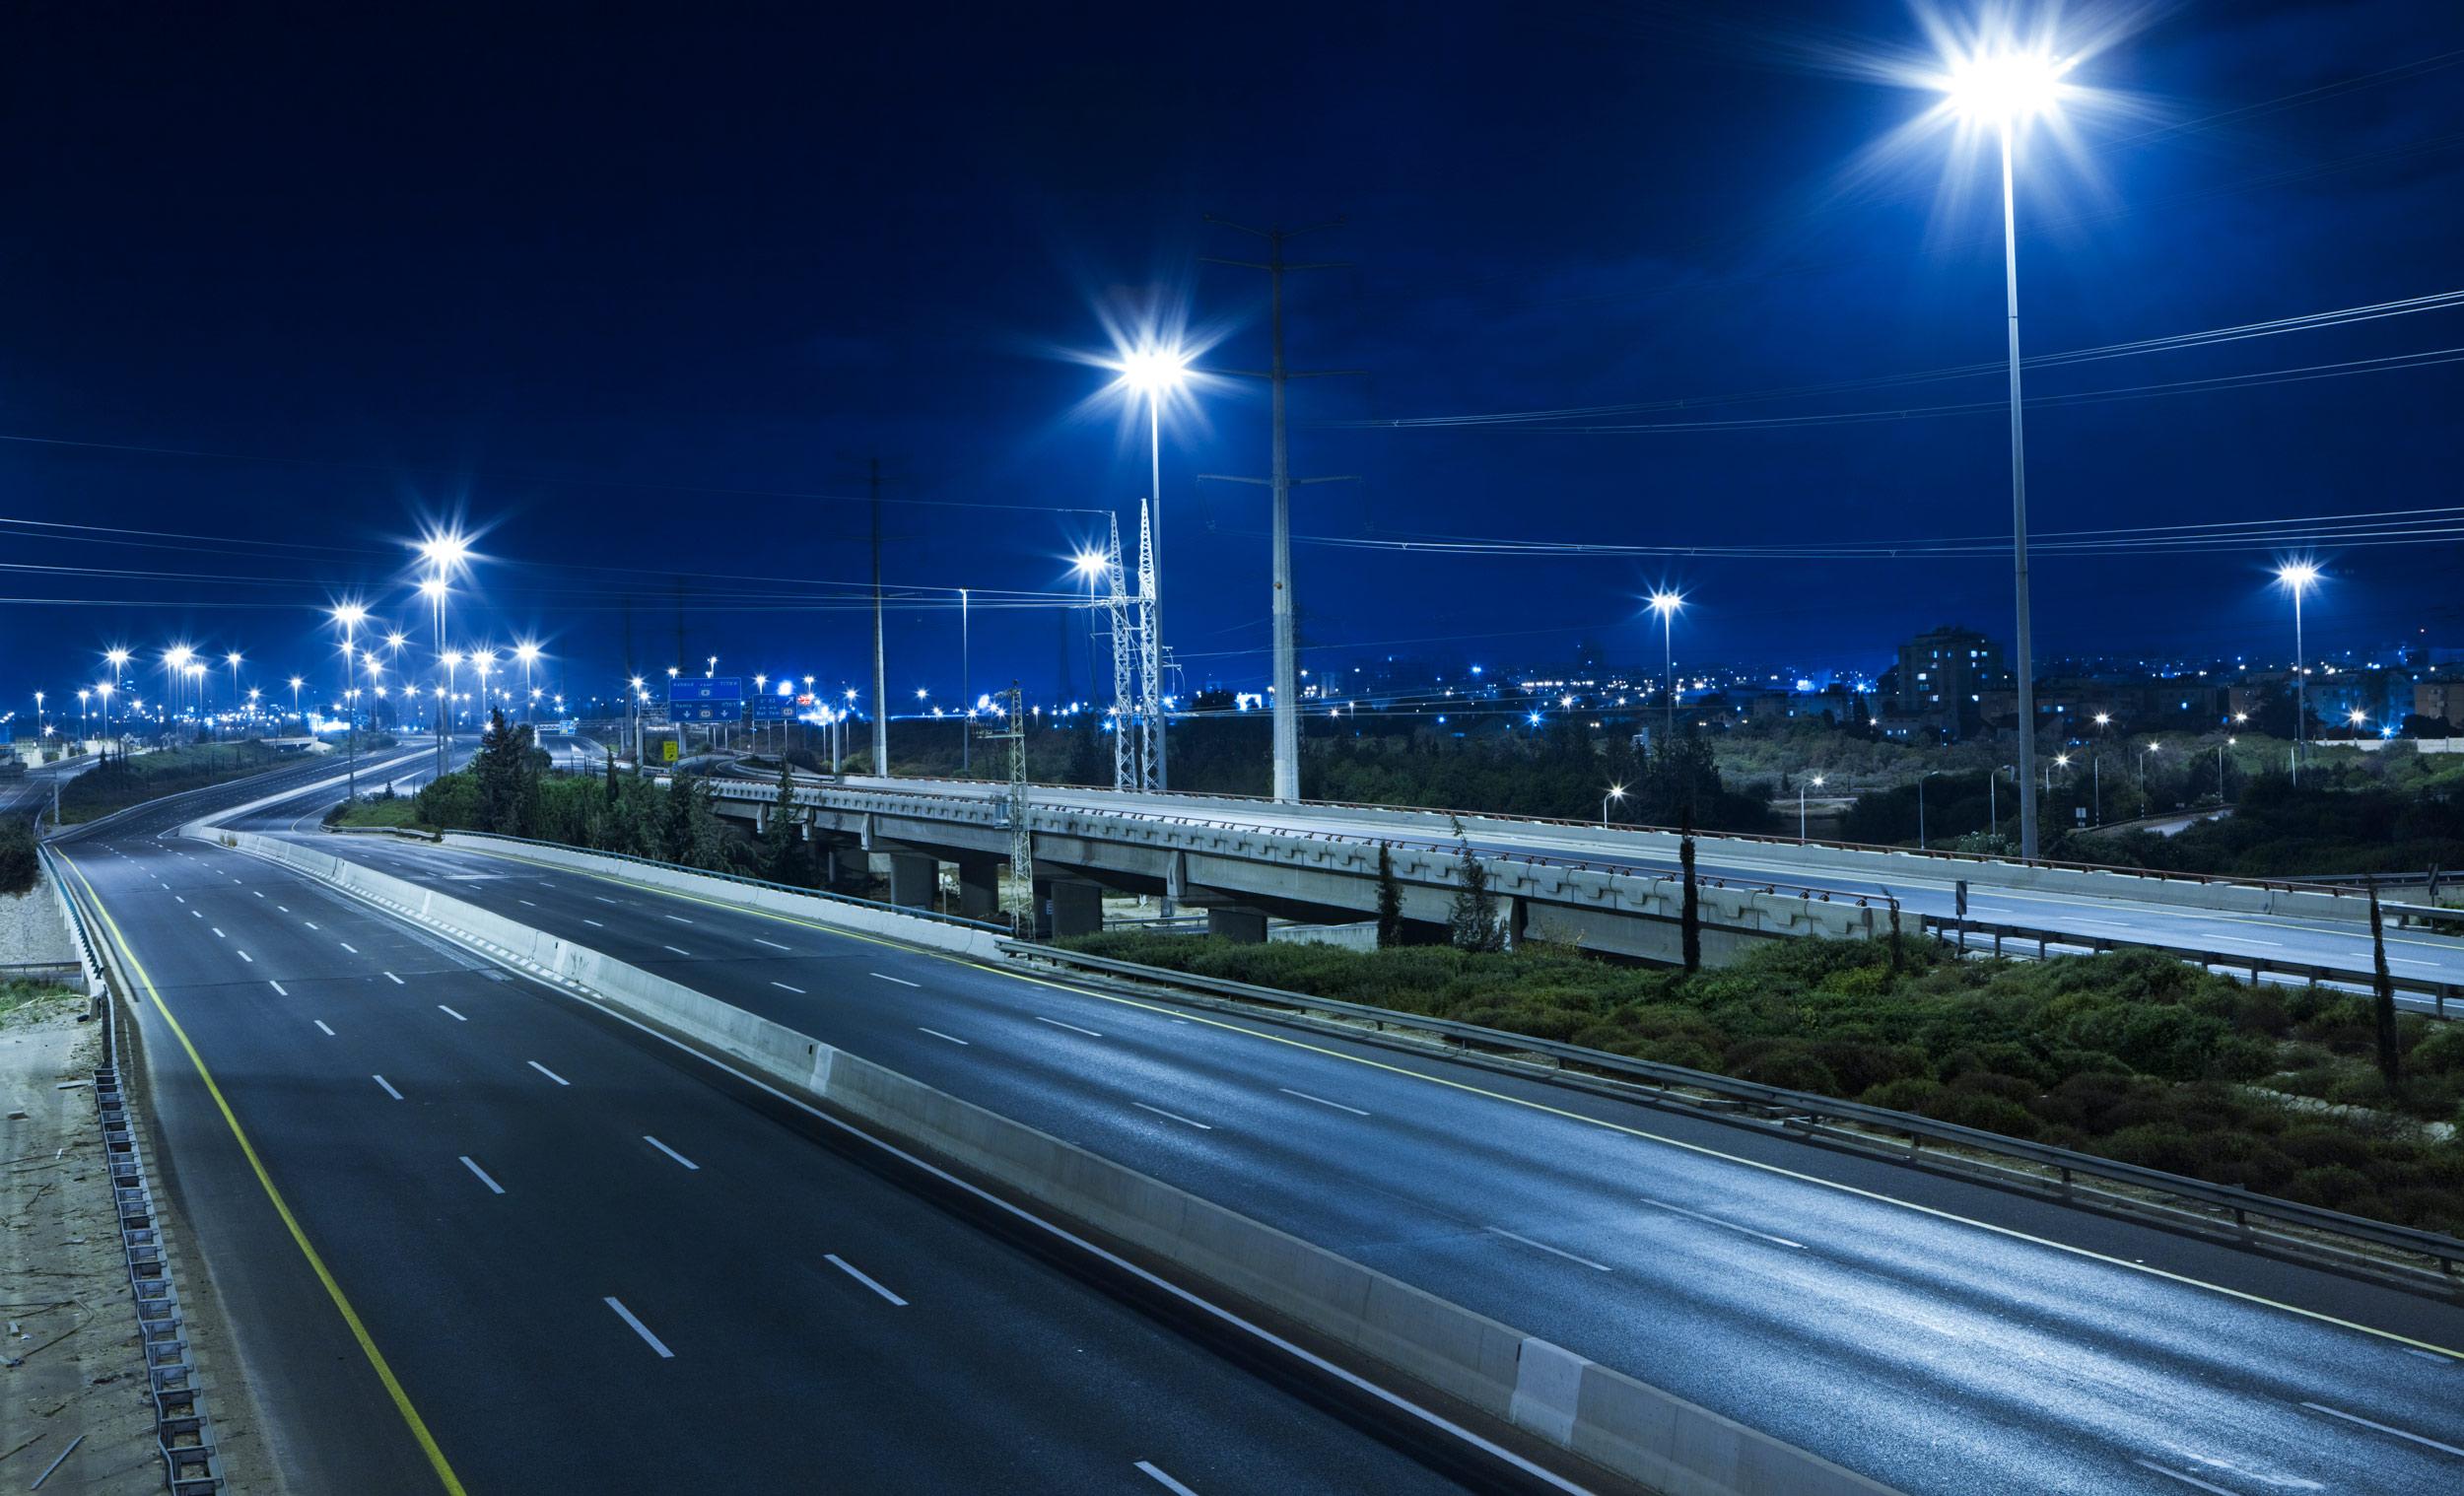 расстояние от опоры освещения до дороги